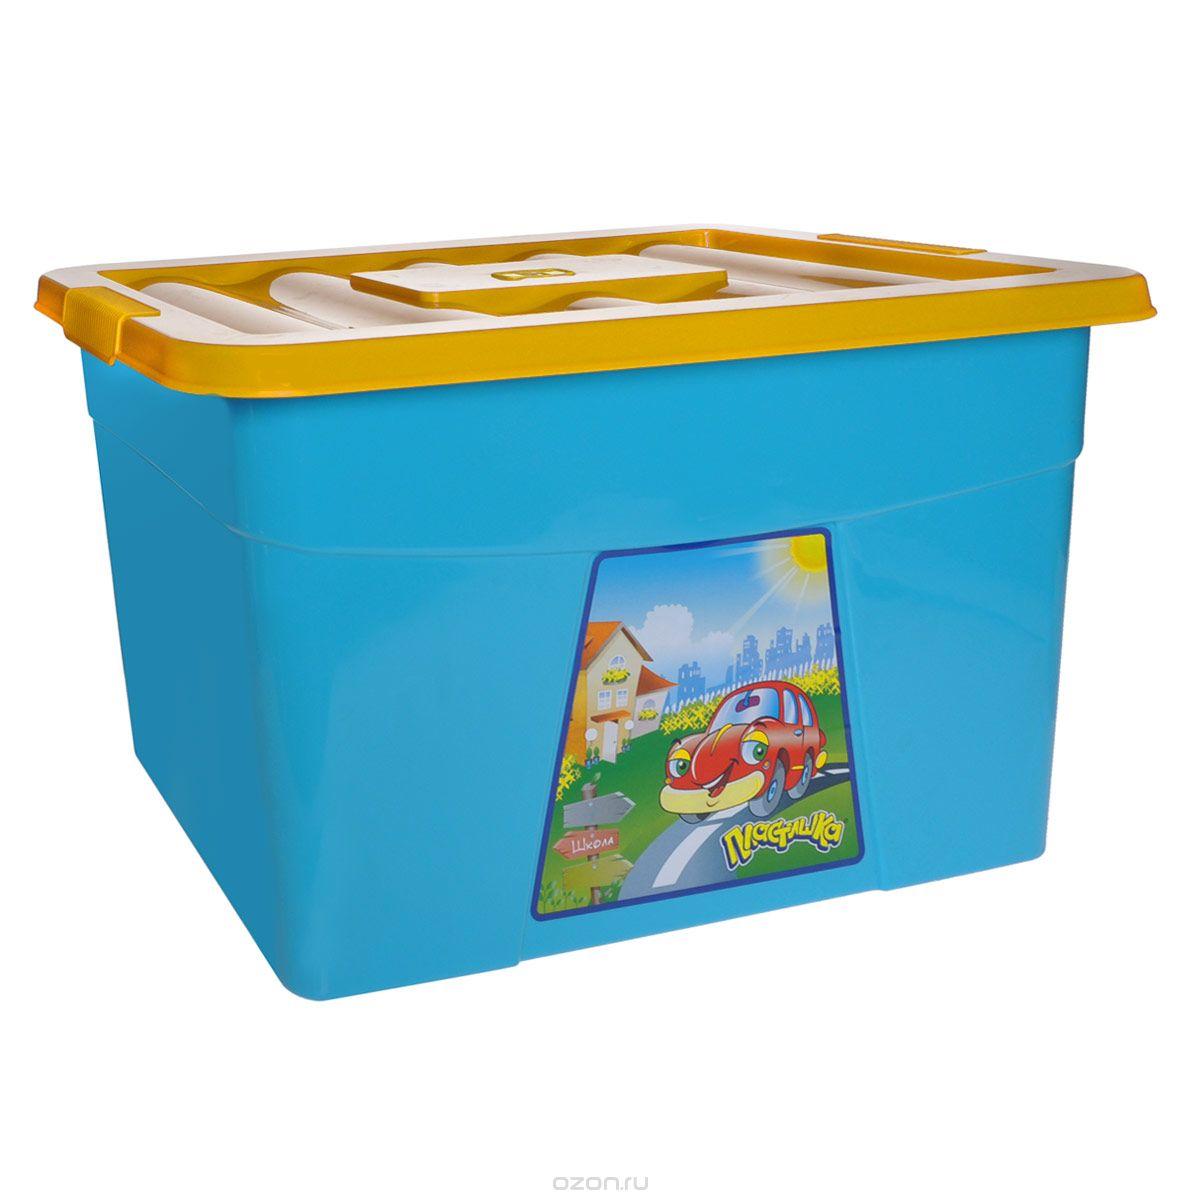 Пластишка Ящик для игрушек на колесиках цвет голубой желтый 60 см х 40 см х 36 см